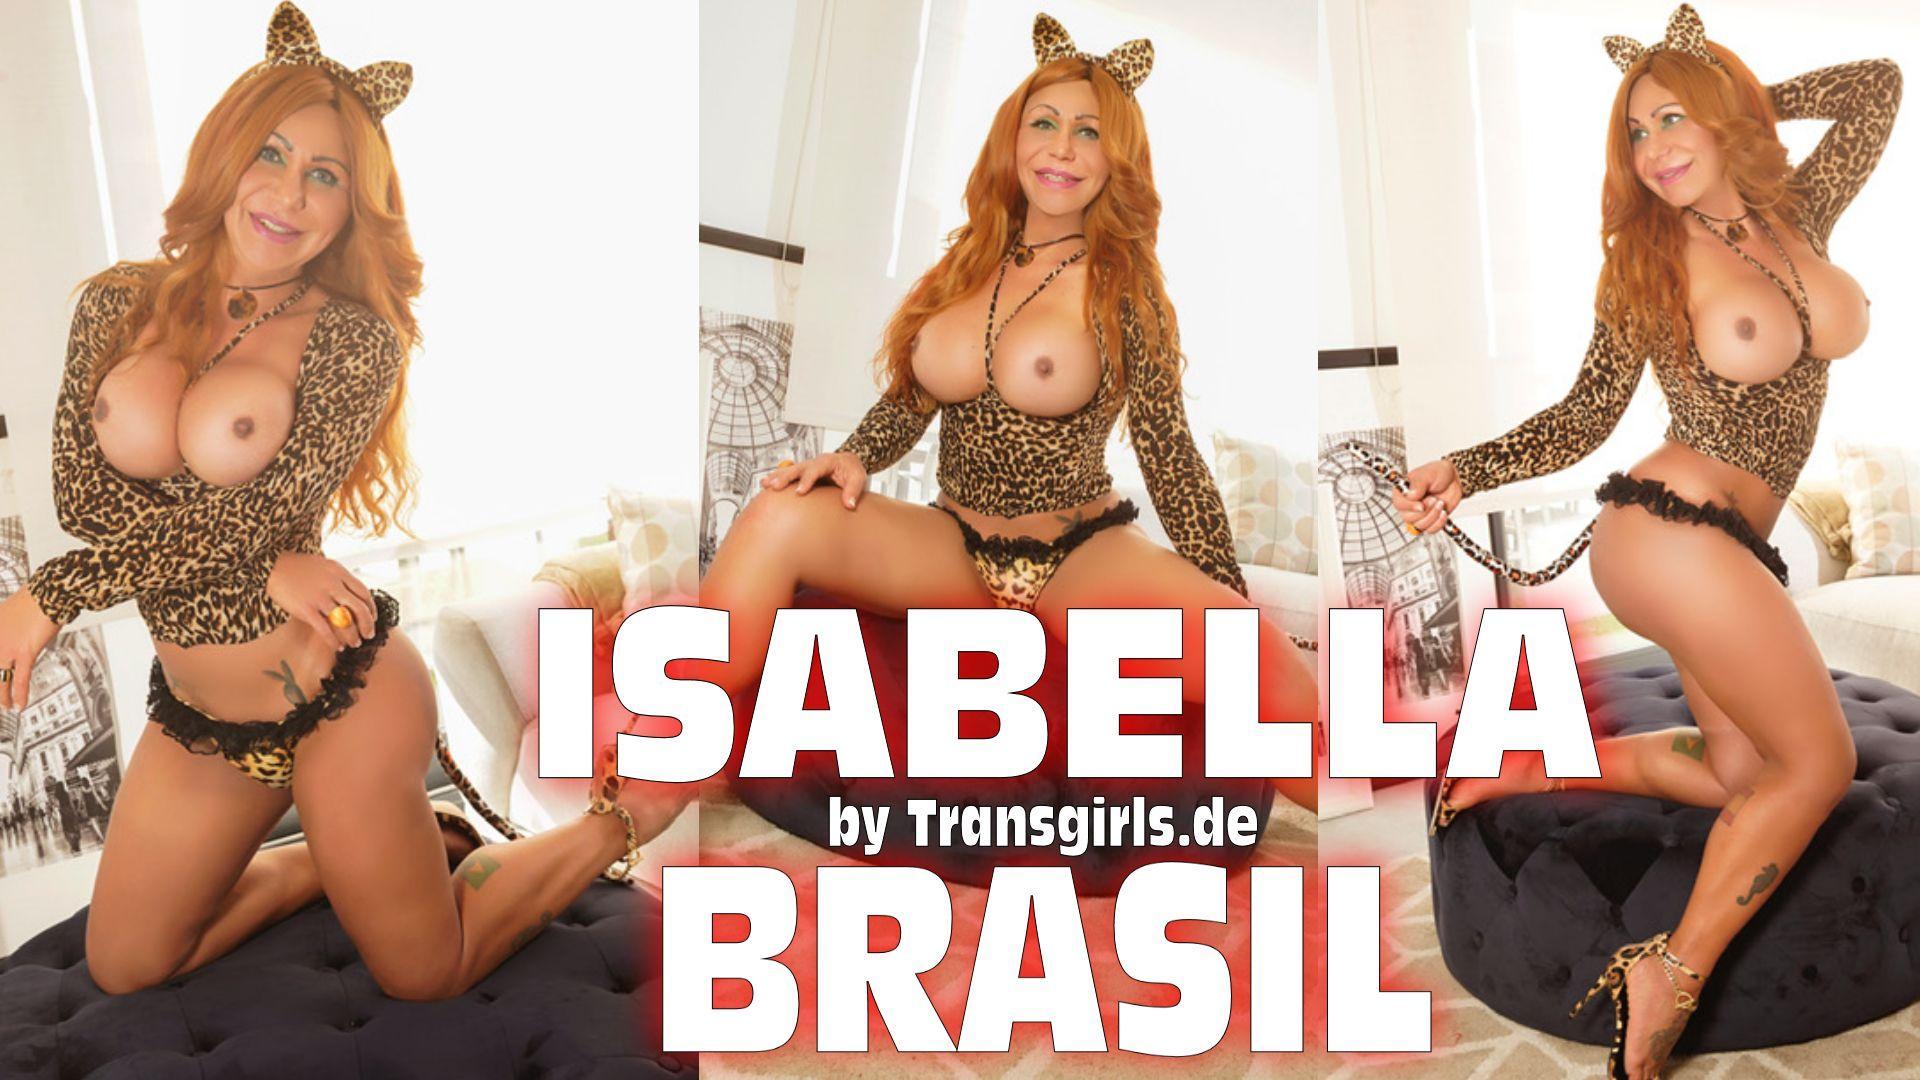 Isabella Brasil Shemale in Berlin